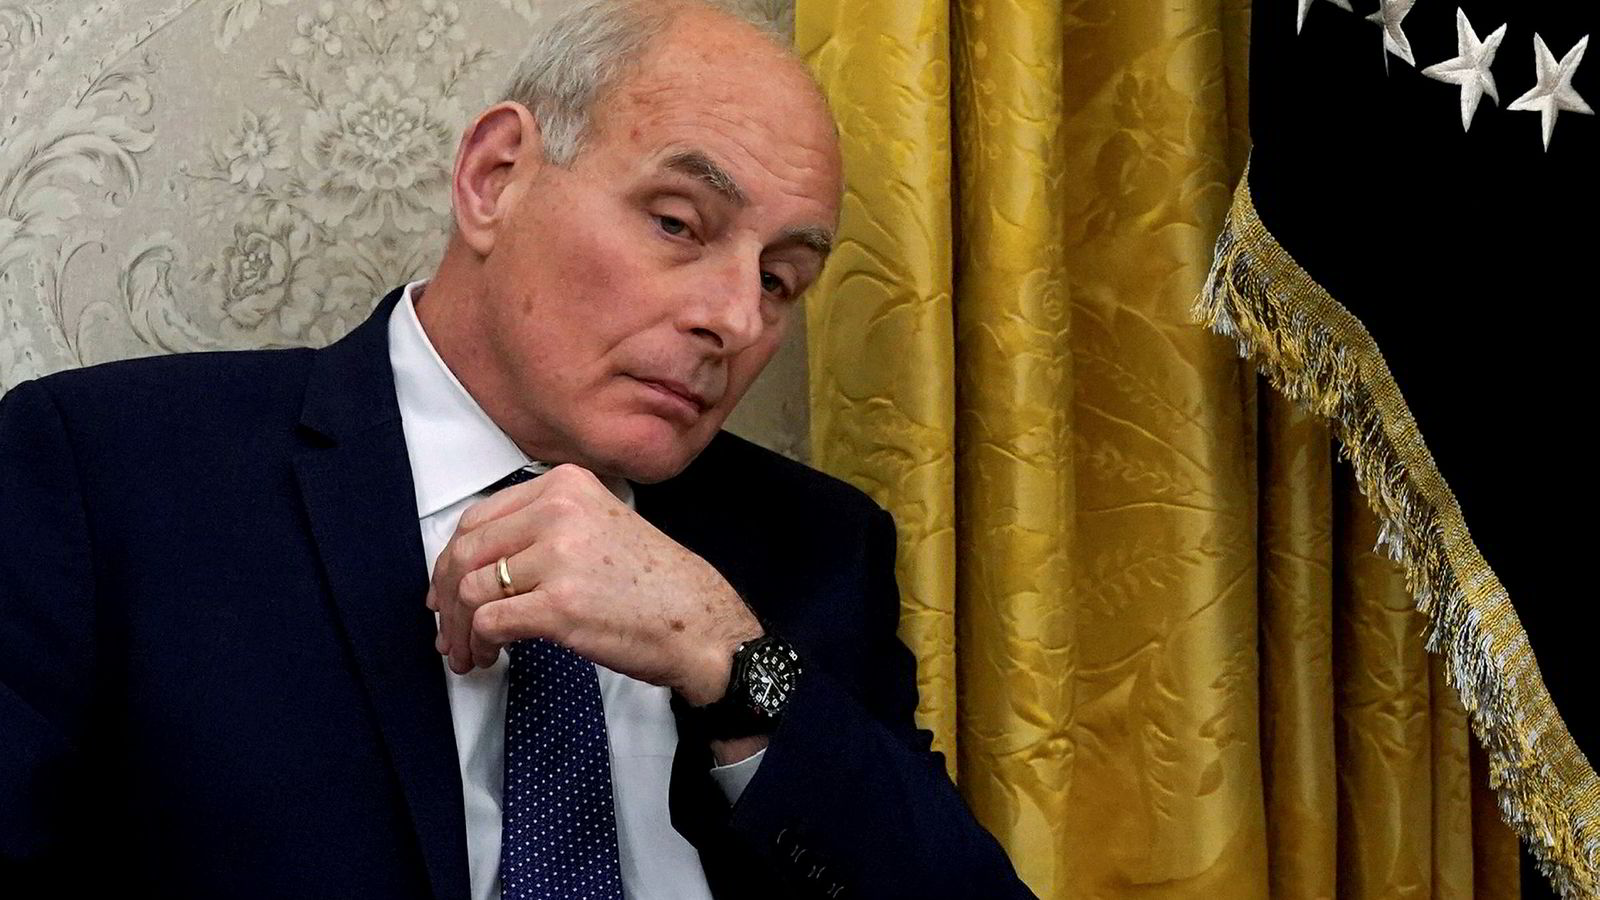 Stabssjef John Kelly kan snart bli erstattet, etter det NBC erfarer.